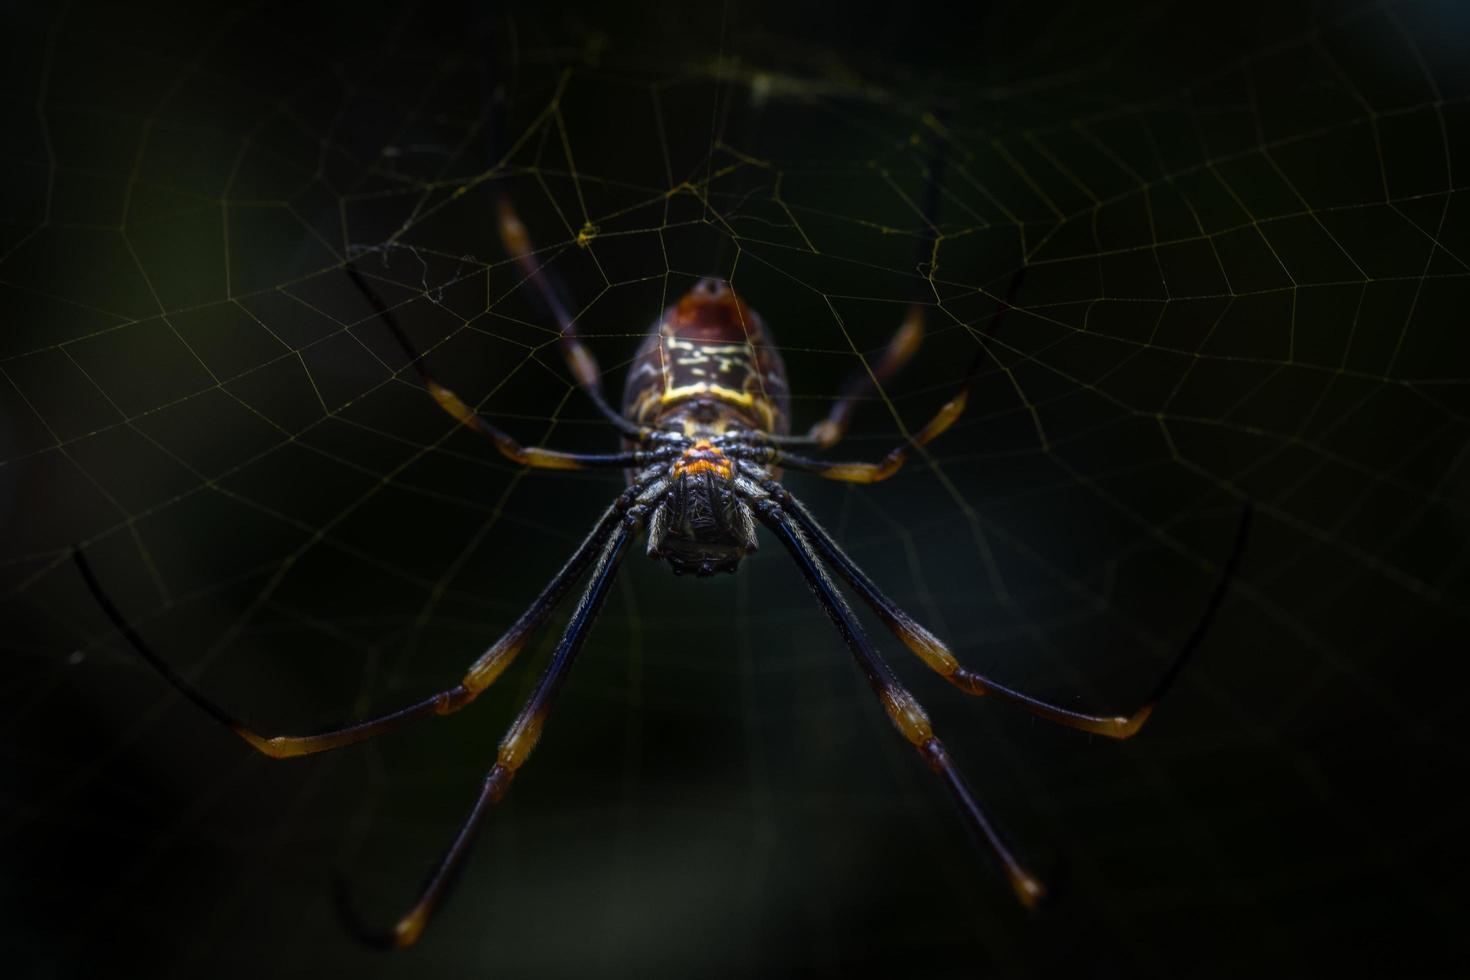 araña marrón en tela de araña foto